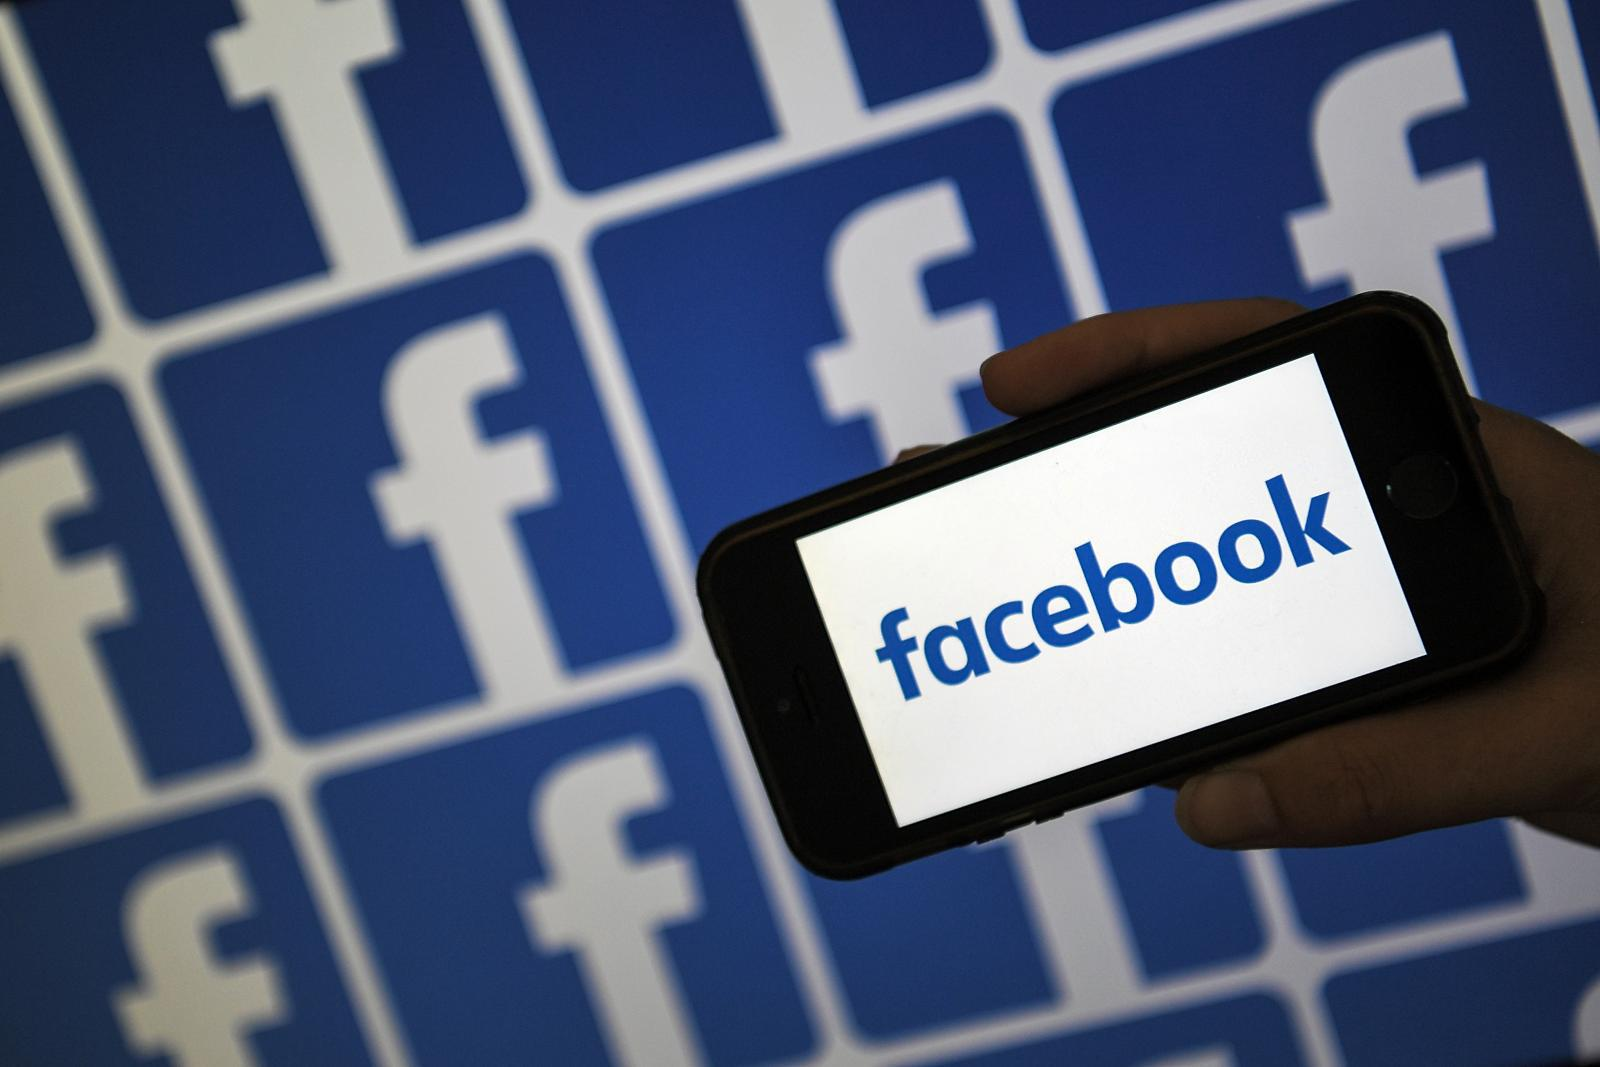 เฟซบุ๊กขู่แบนแชร์ข่าวในออสเตรเลีย หากต้องจ่ายค่าตอบแทน